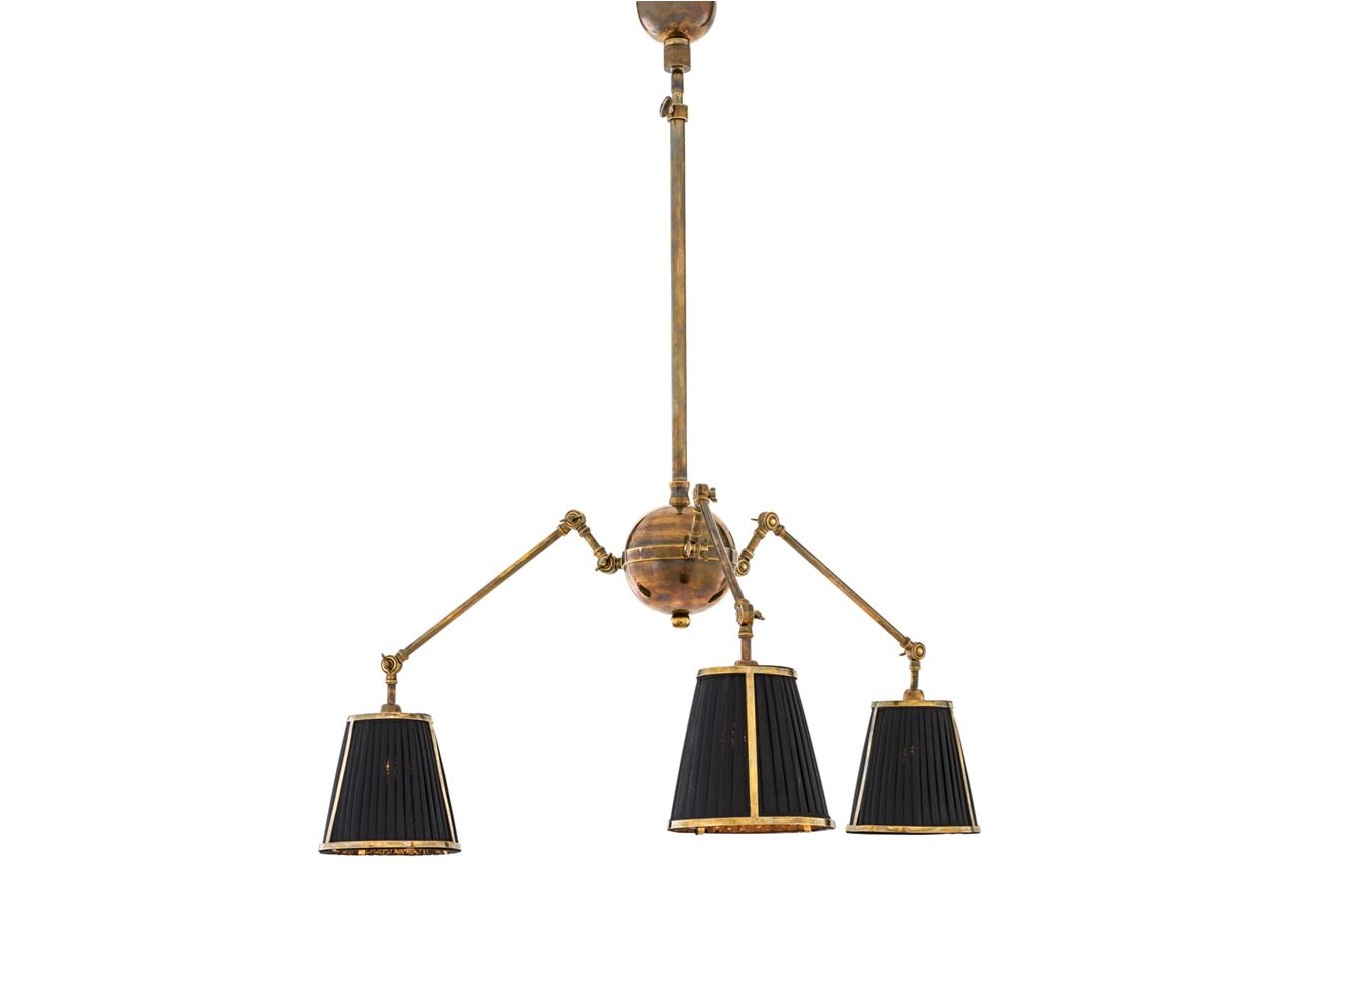 Подвесной светильникПодвесные светильники<br>Подвесной светильник Ceiling Lamp Constance с текстильными плиссированными абажурами черного цвета. Арматура из металла цвета античная латунь.&amp;lt;div&amp;gt;&amp;lt;br&amp;gt;&amp;lt;/div&amp;gt;&amp;lt;div&amp;gt;&amp;lt;div&amp;gt;Тип цоколя: E14&amp;lt;/div&amp;gt;&amp;lt;div&amp;gt;Мощность: 60W&amp;lt;/div&amp;gt;&amp;lt;div&amp;gt;Кол-во ламп: 3 (нет в комплекте)&amp;lt;/div&amp;gt;&amp;lt;/div&amp;gt;<br><br>Material: Металл<br>Height см: 92<br>Diameter см: 90